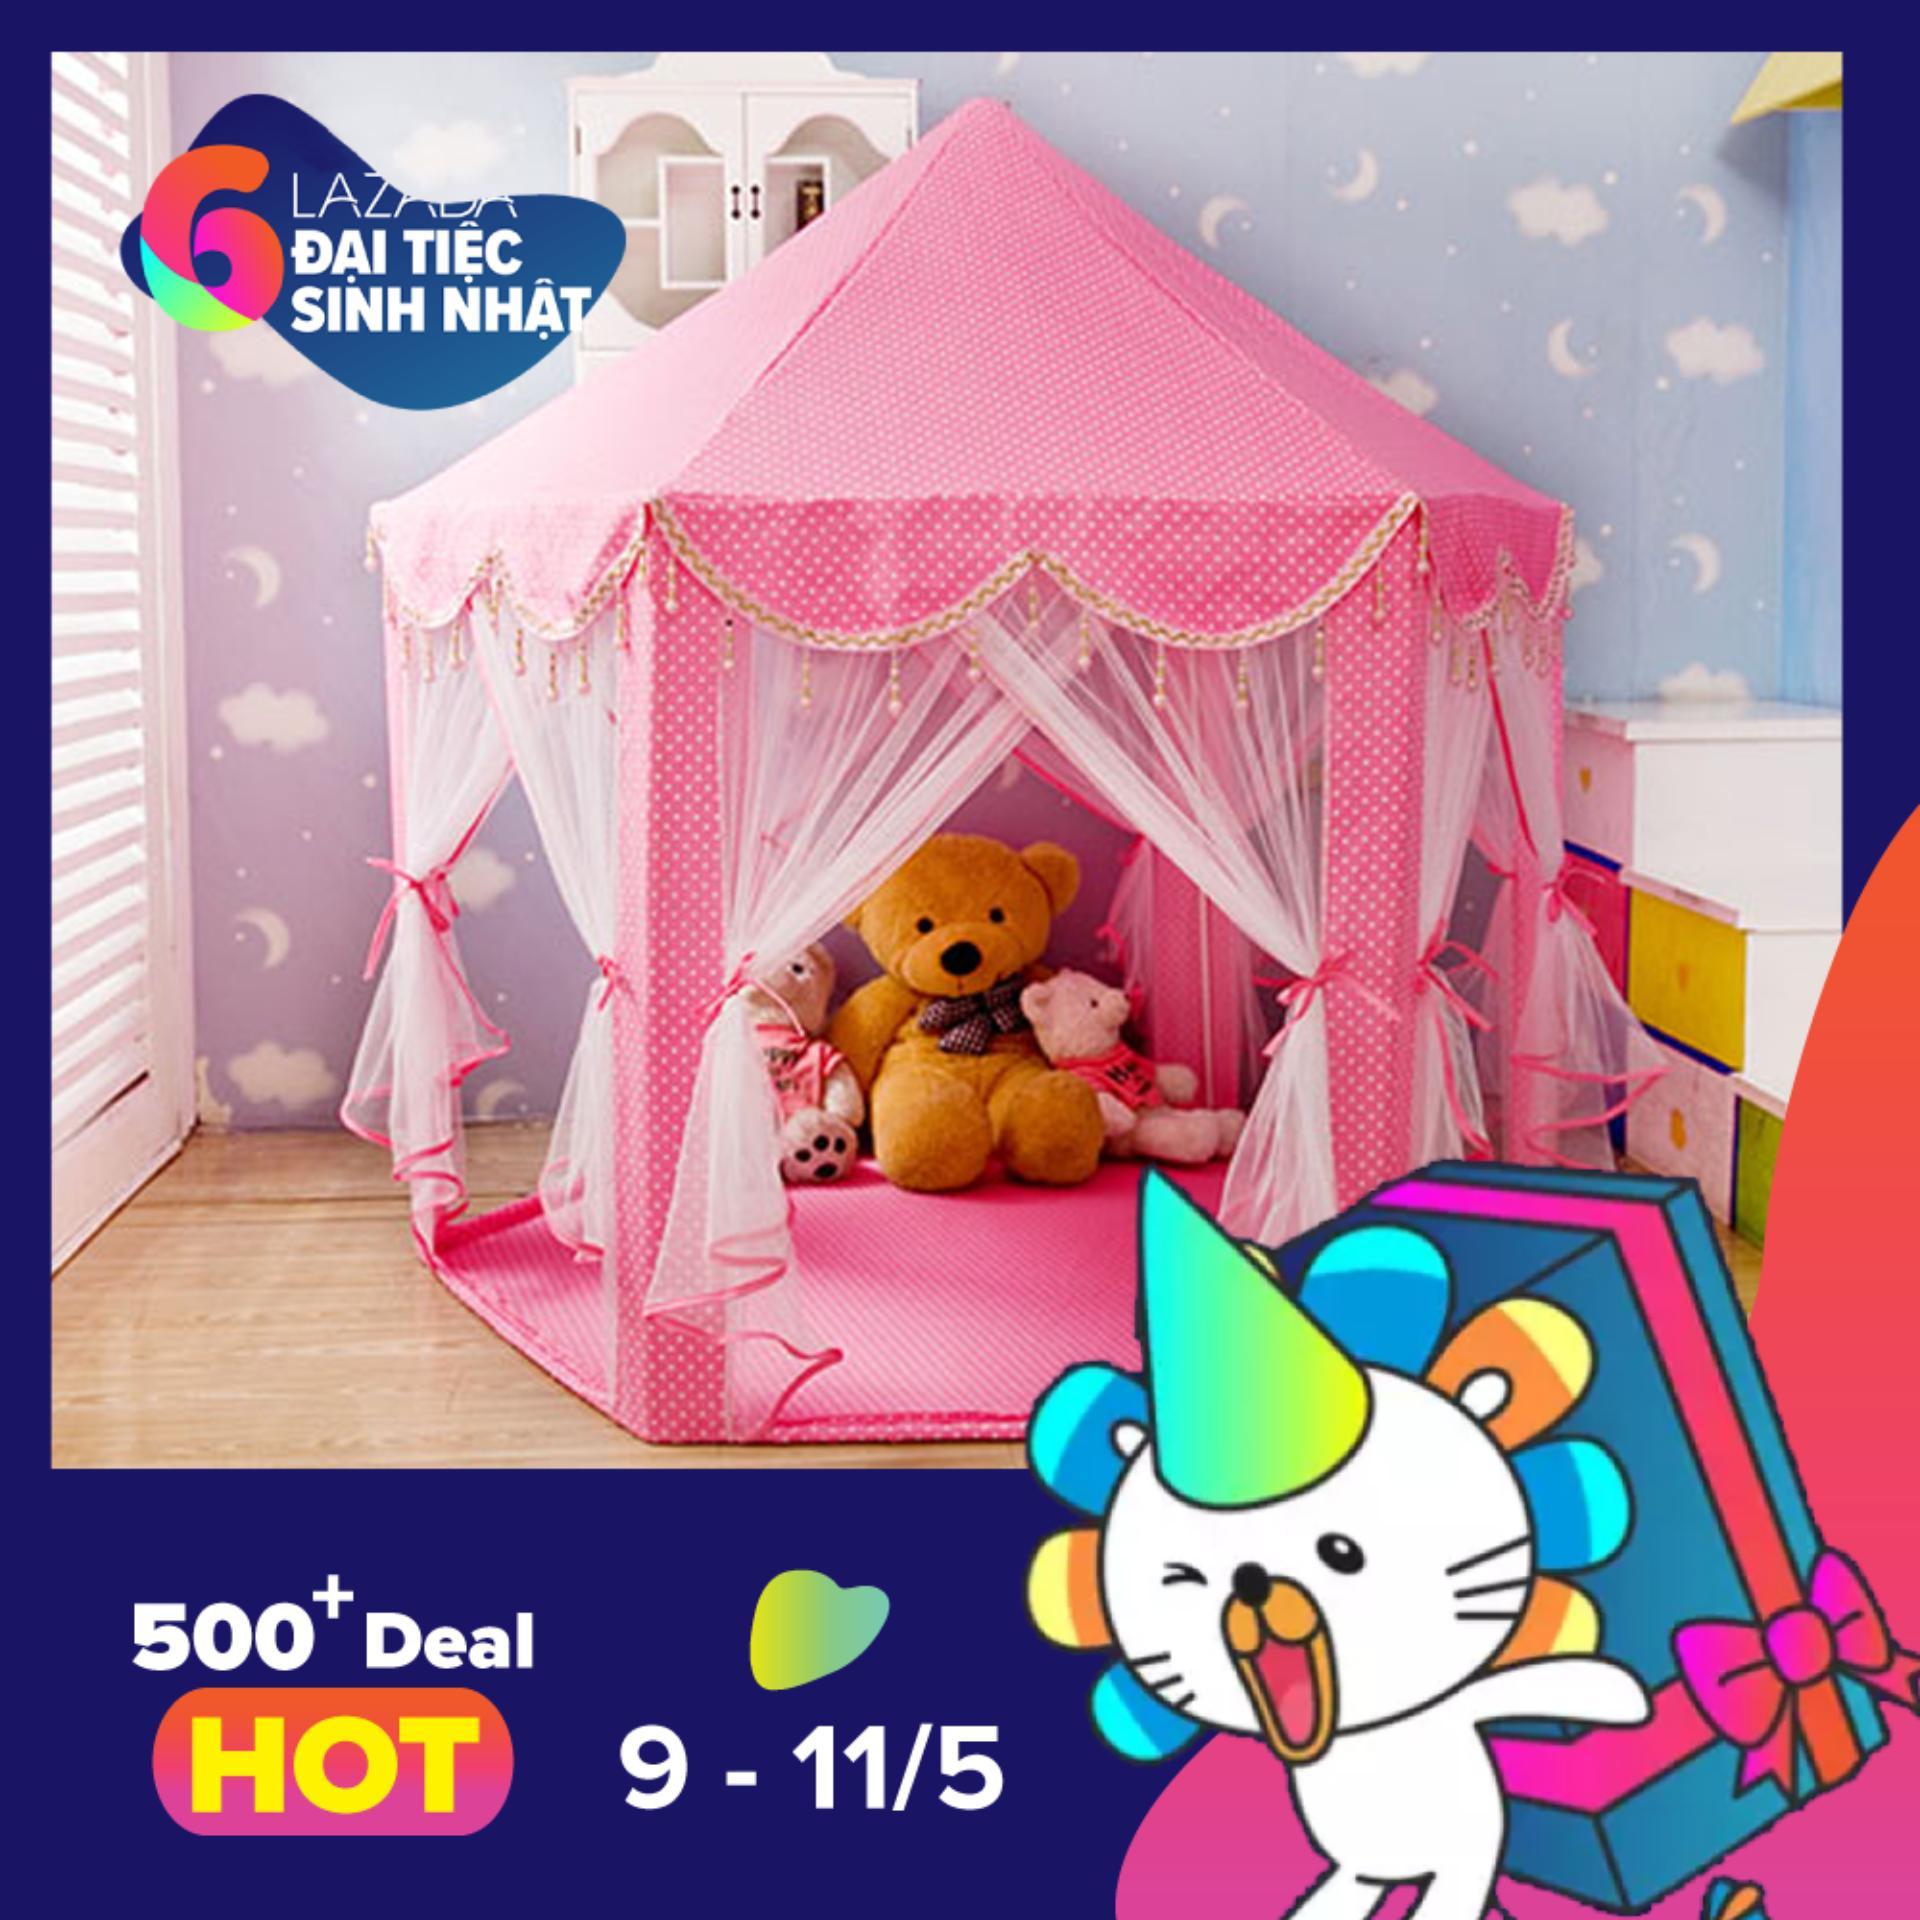 Cửa Hàng Lều Cong Chua Phong Cach Han Quốc Cho Be Hồng Kmart None Hà Nội